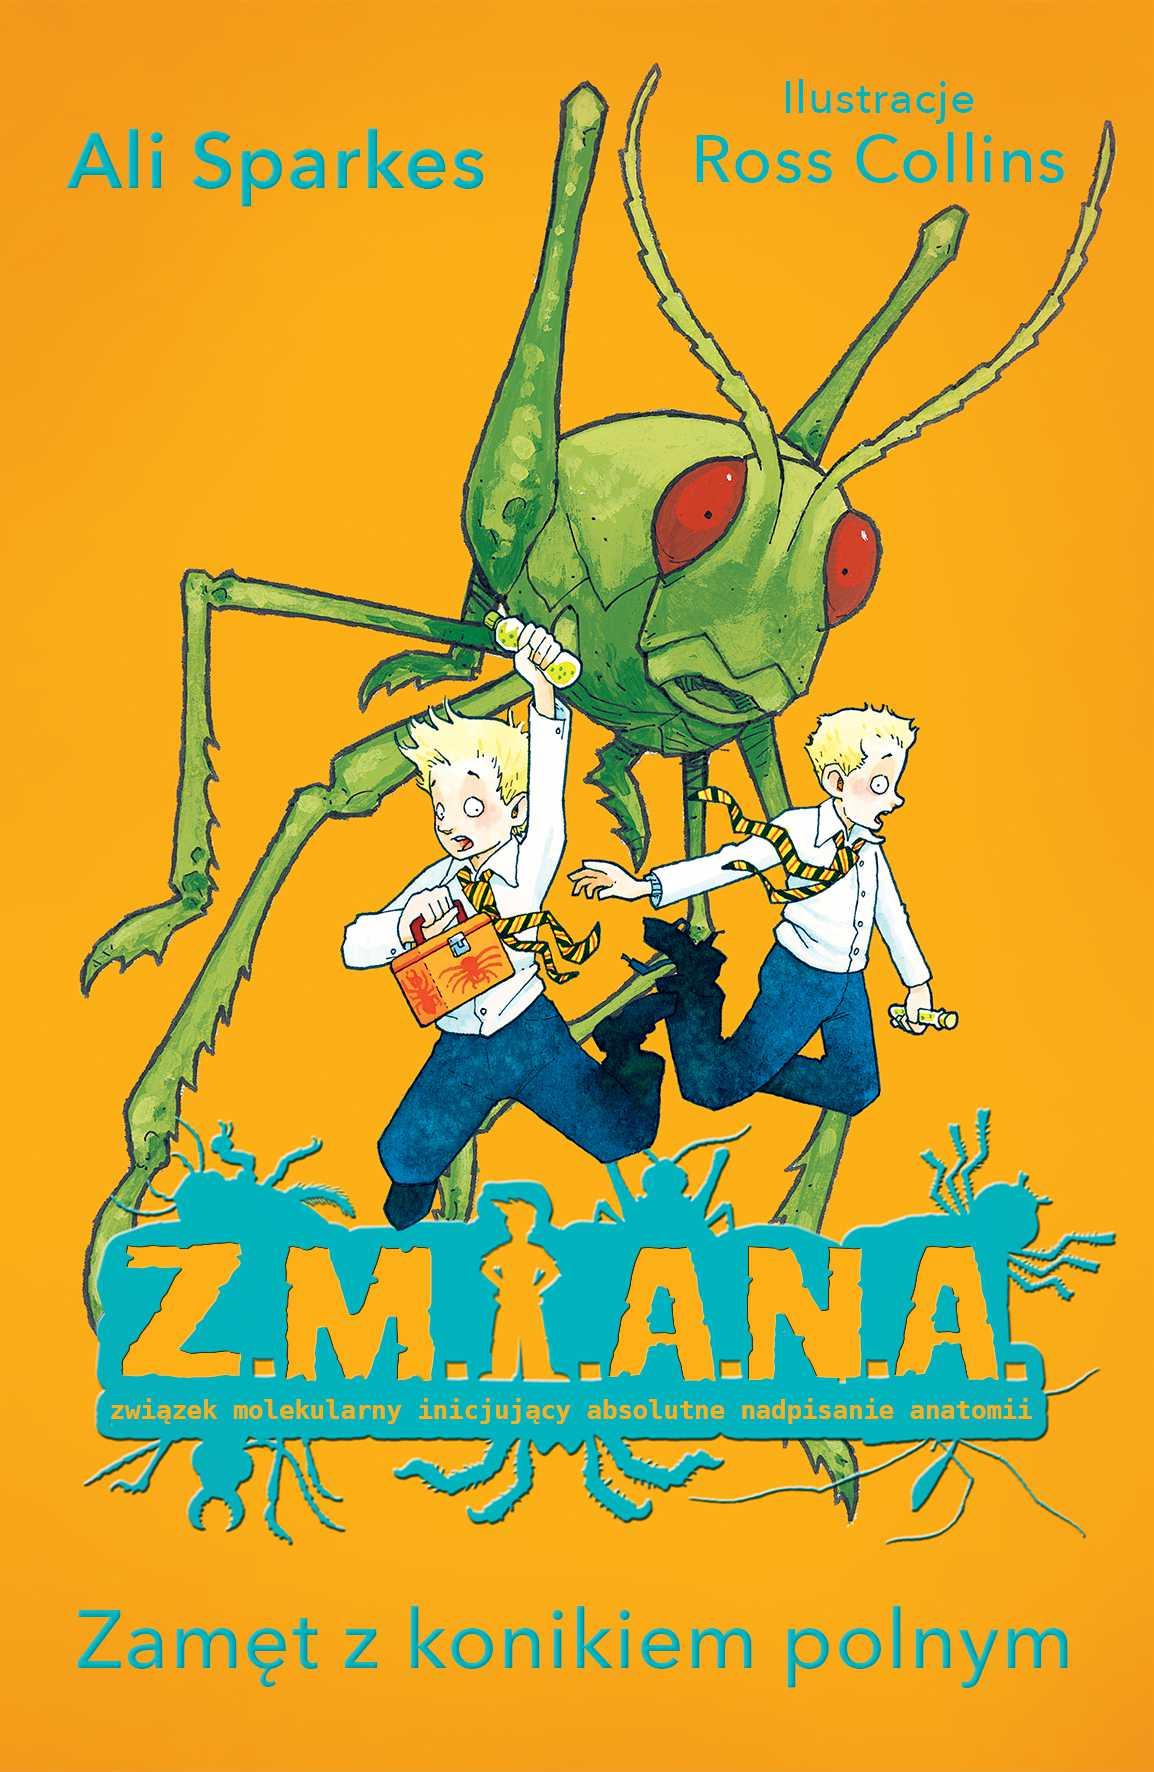 Z.M.I.A.N.A. Zamęt z konikiem polnym - Ebook (Książka na Kindle) do pobrania w formacie MOBI